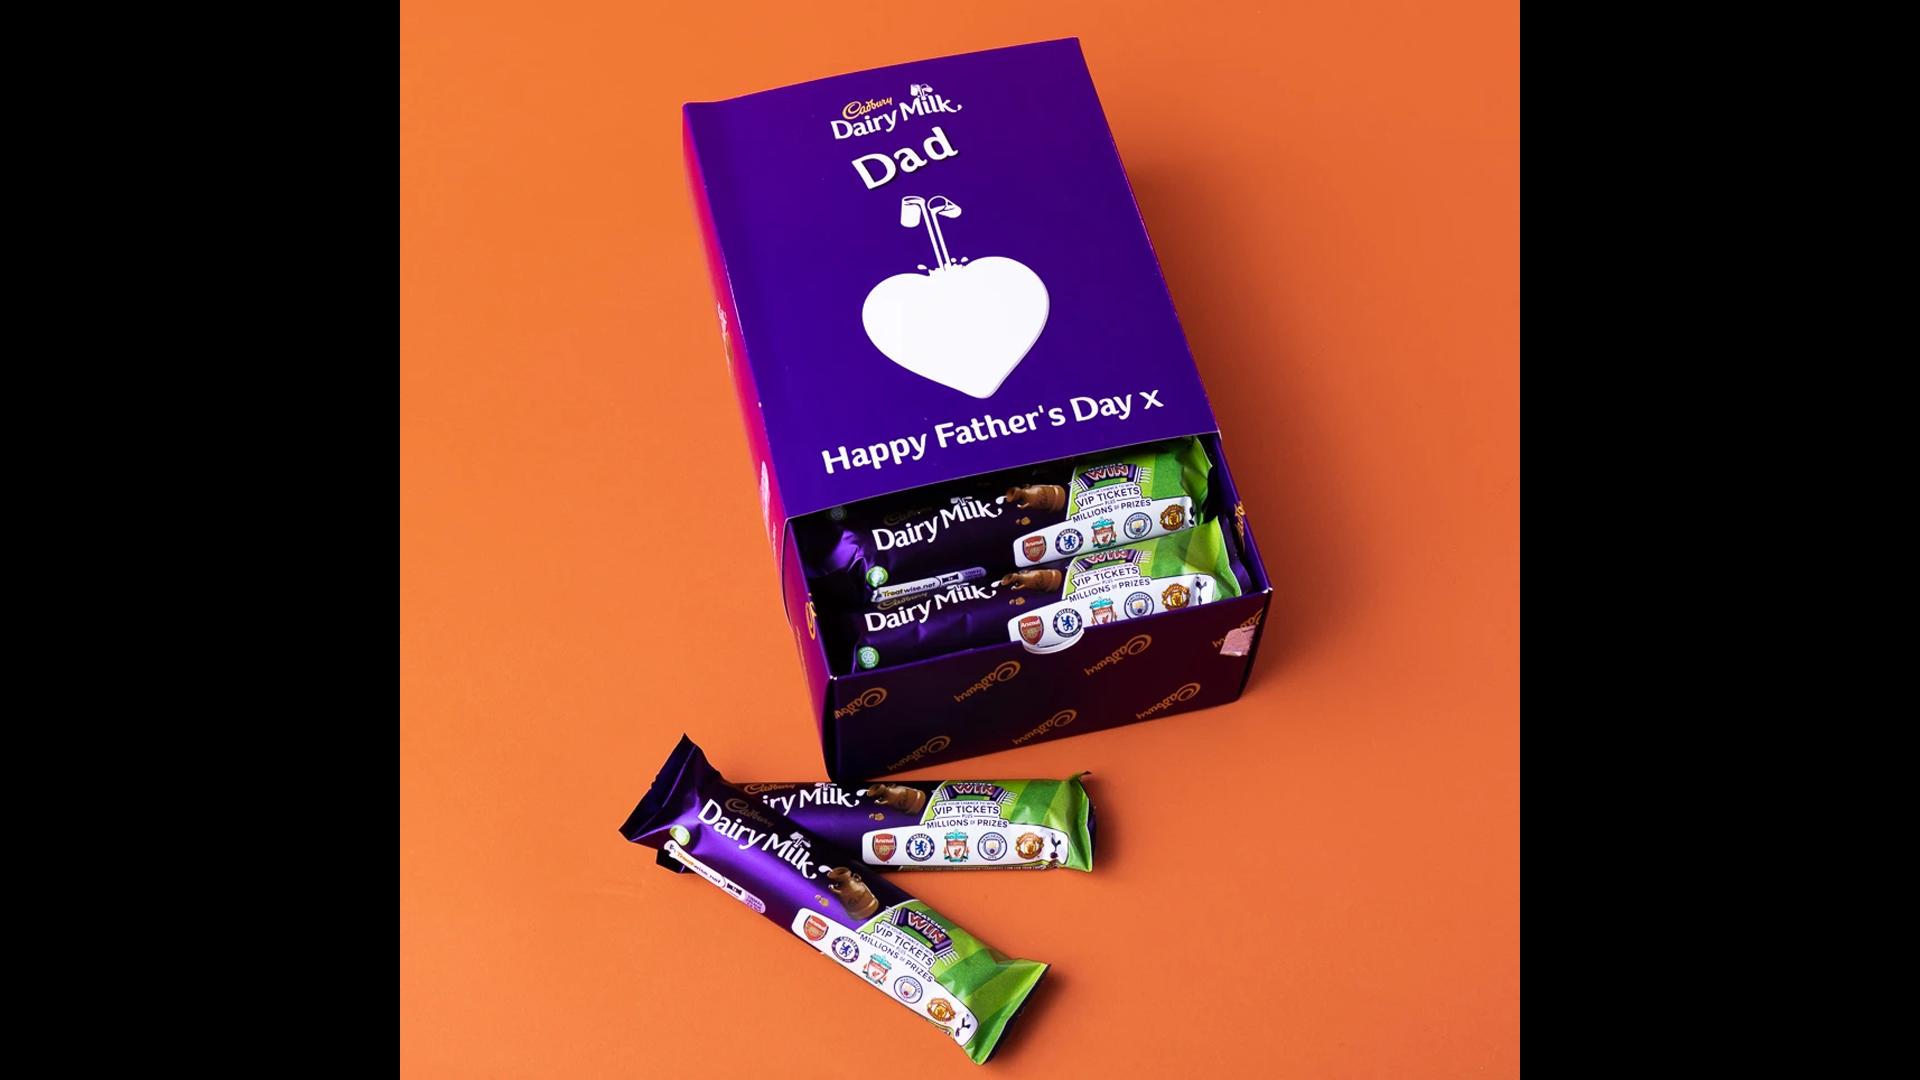 Un de nos paniers personnalisés pour la fête des pères - coffret Cadbury